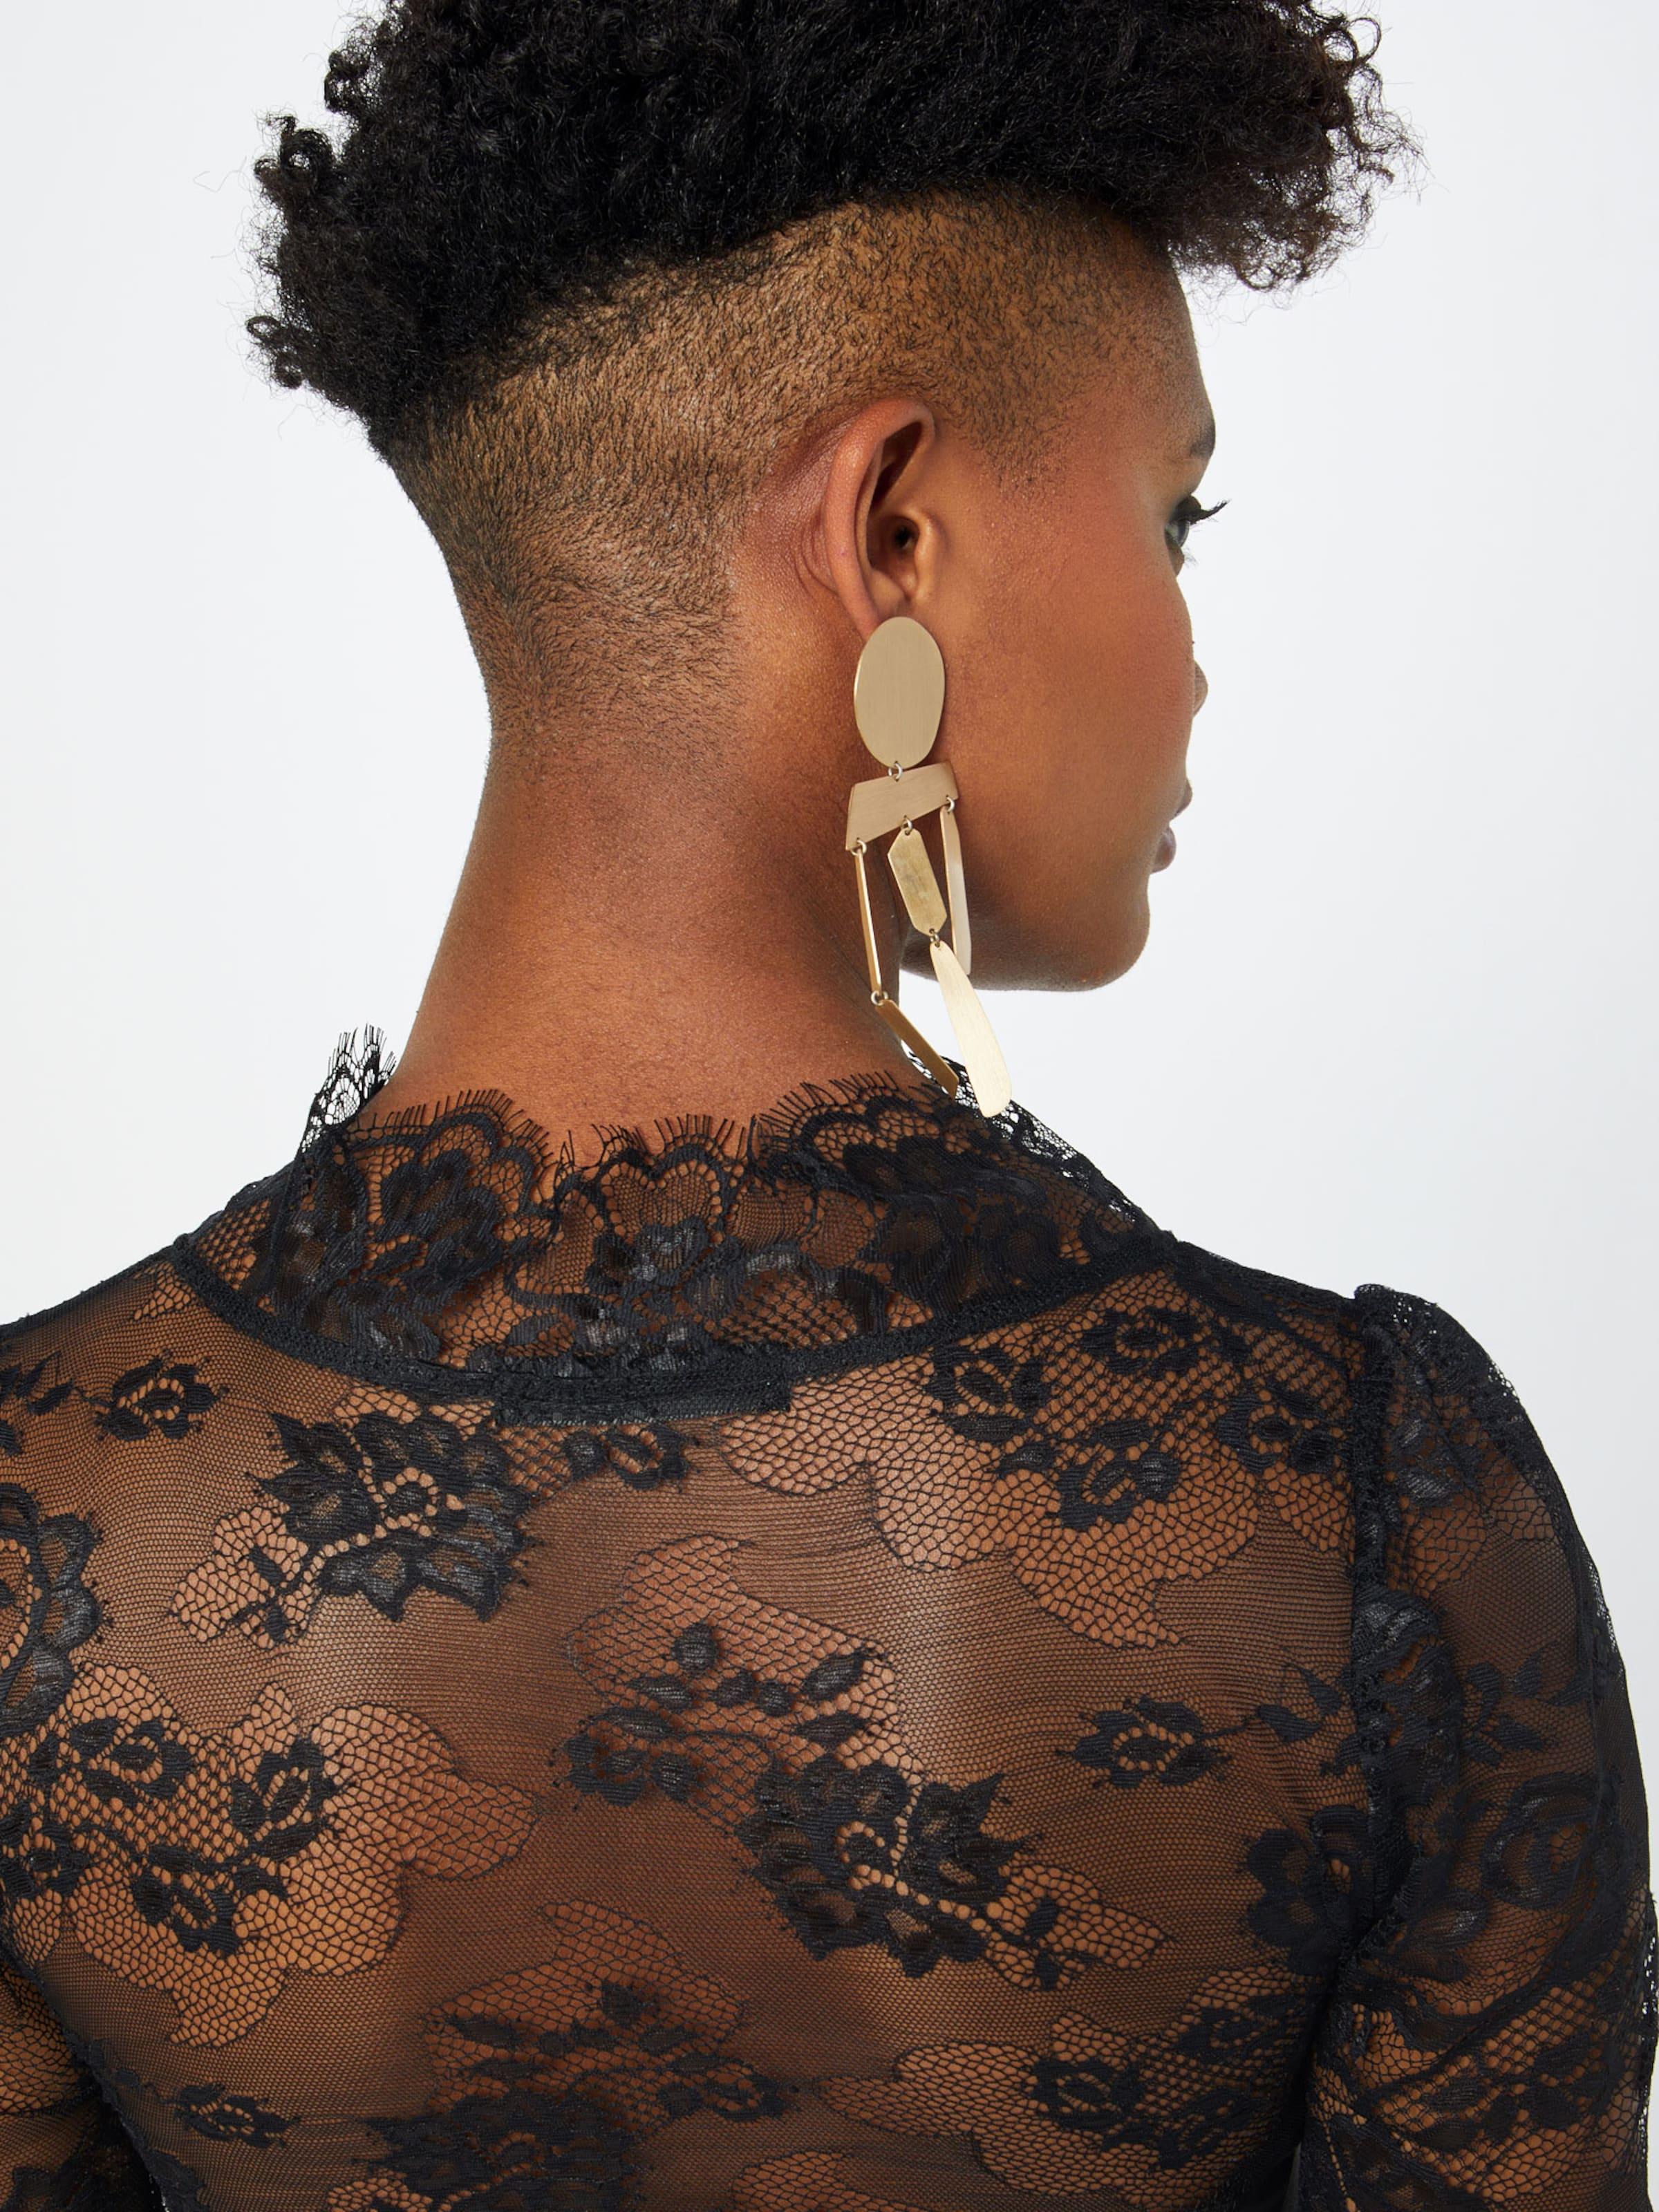 Union Fashion Kleid Schwarz 'spicy' In rBxeCdoW